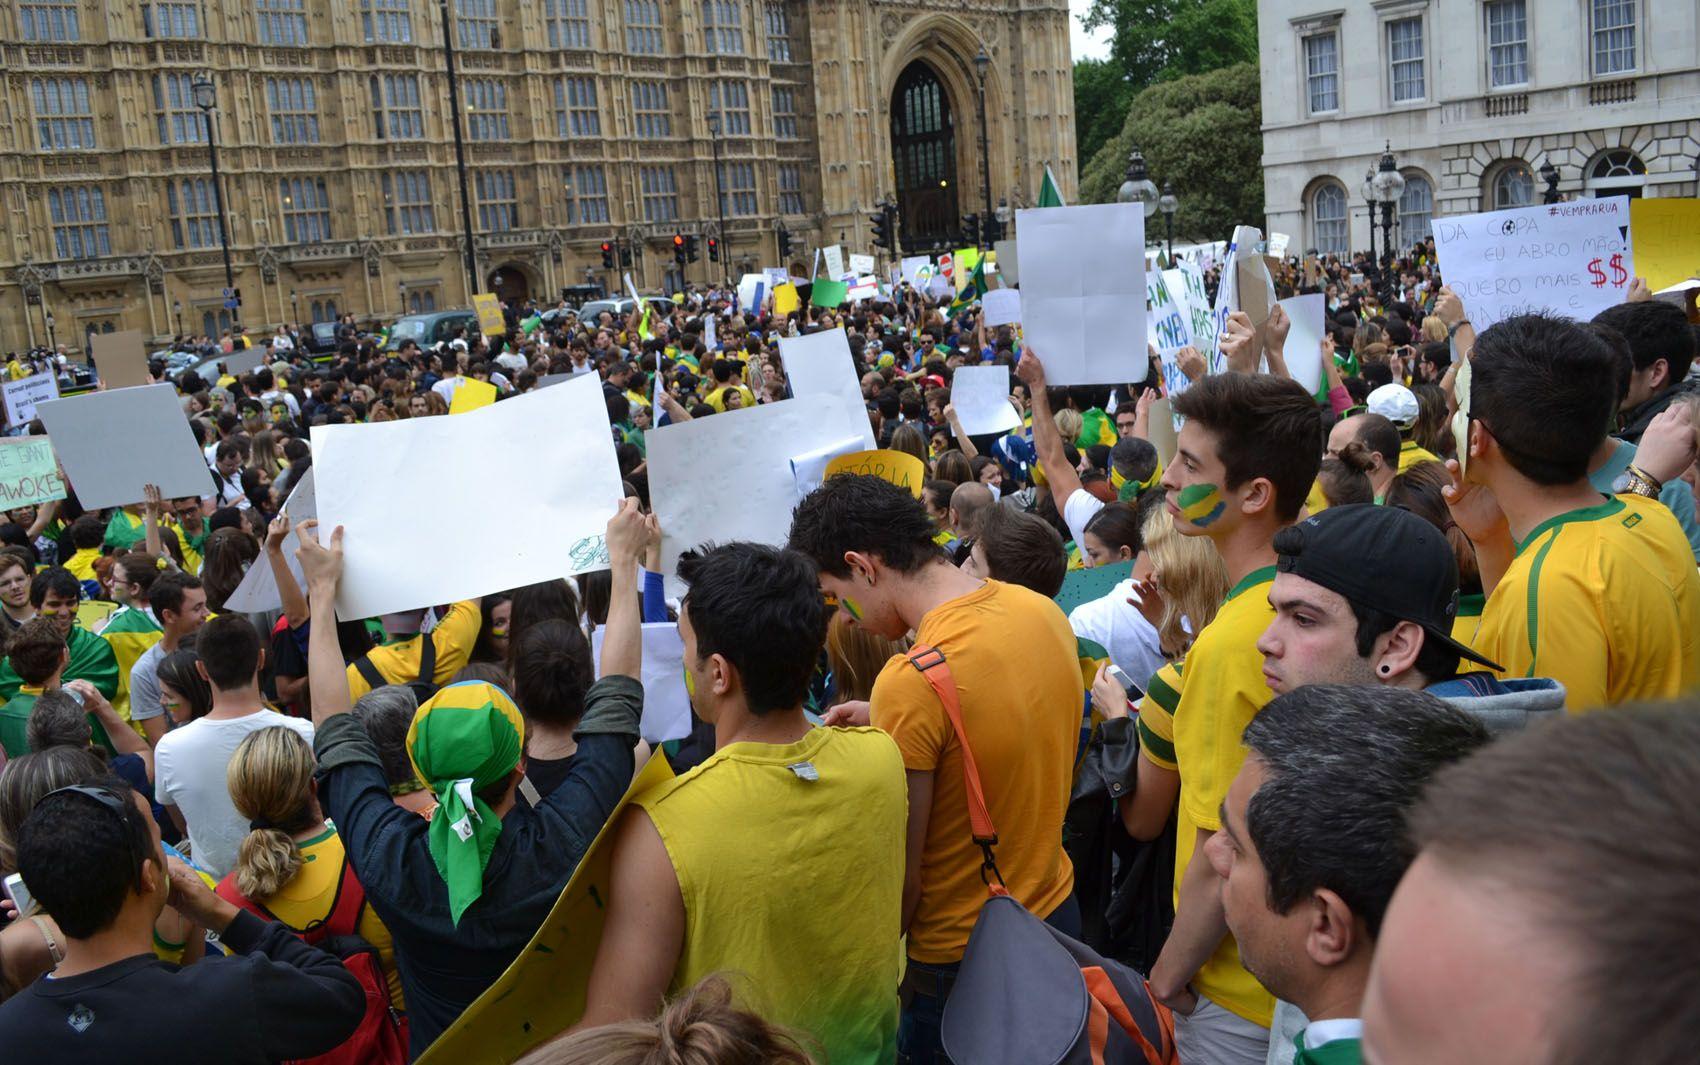 Ato em apoio a protestos no Brasil reúne 2 mil pessoas em Londres